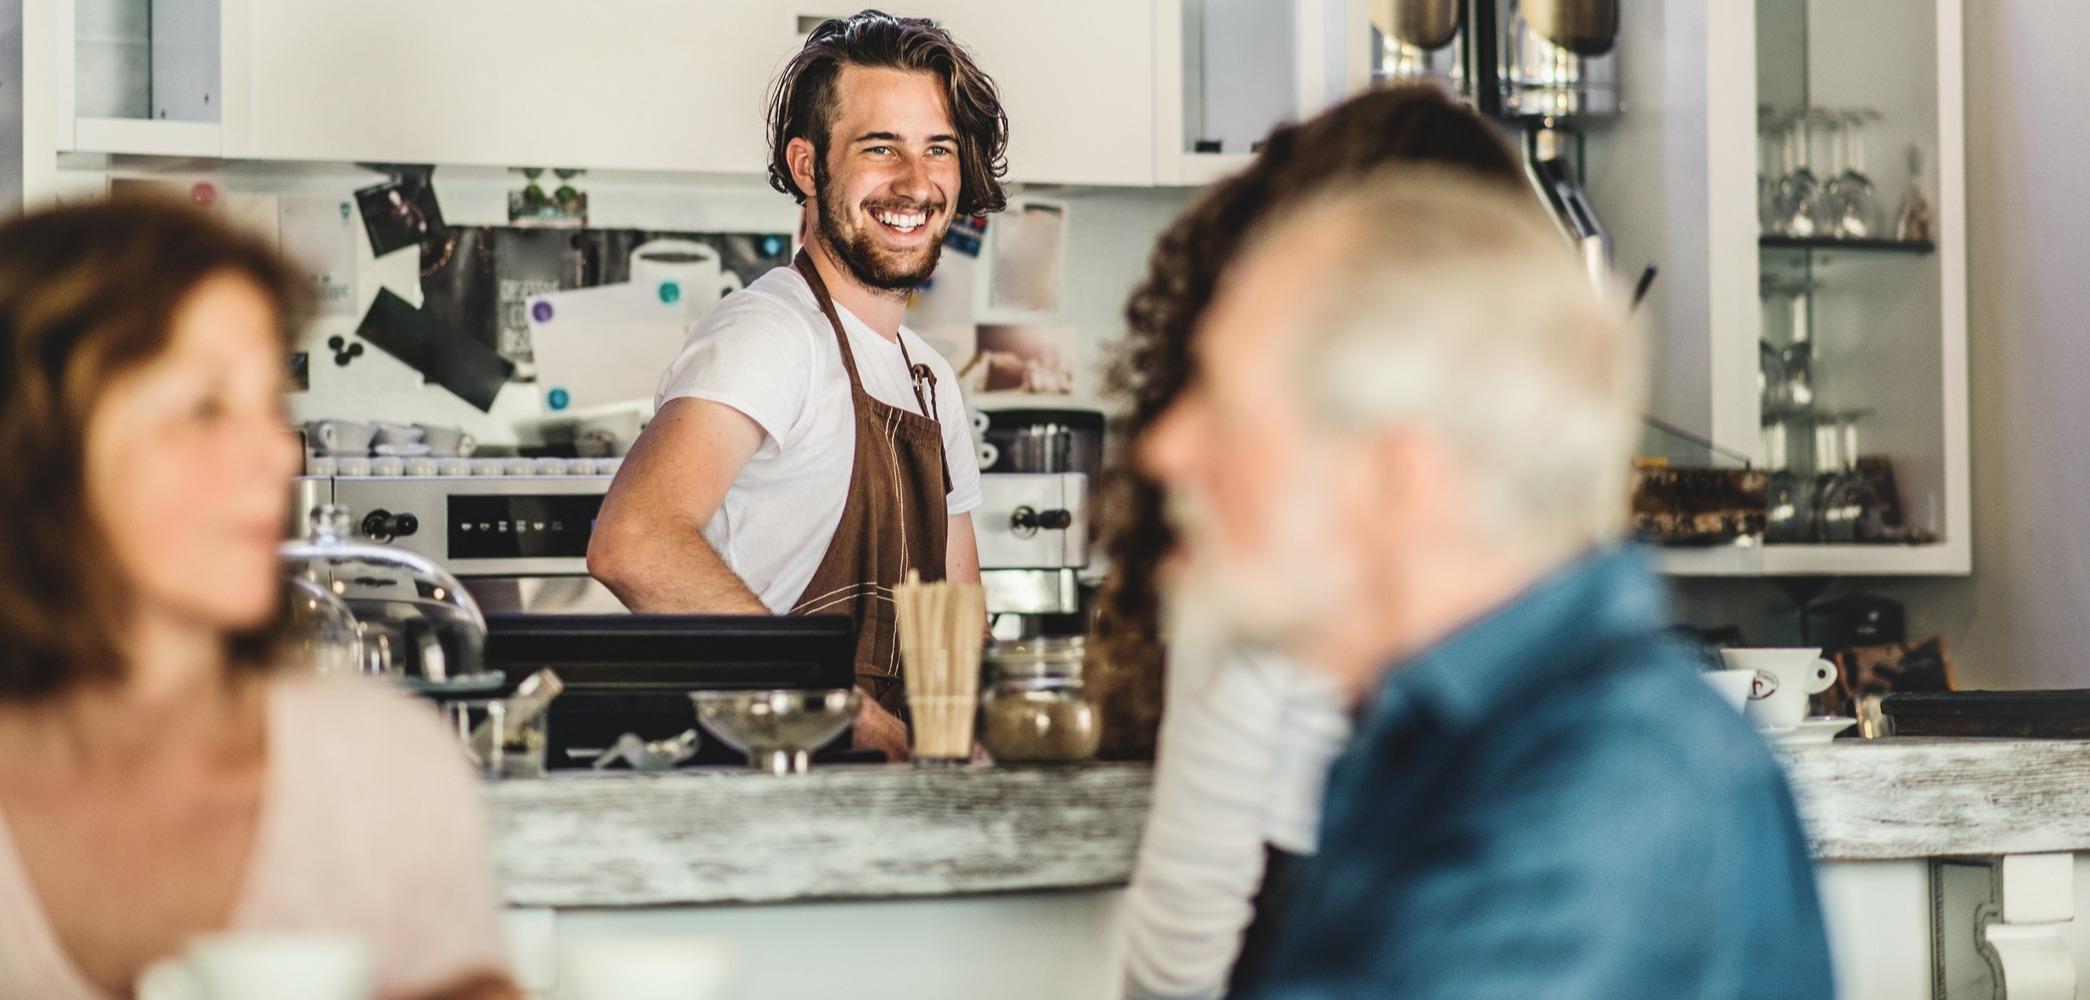 barista-laughing